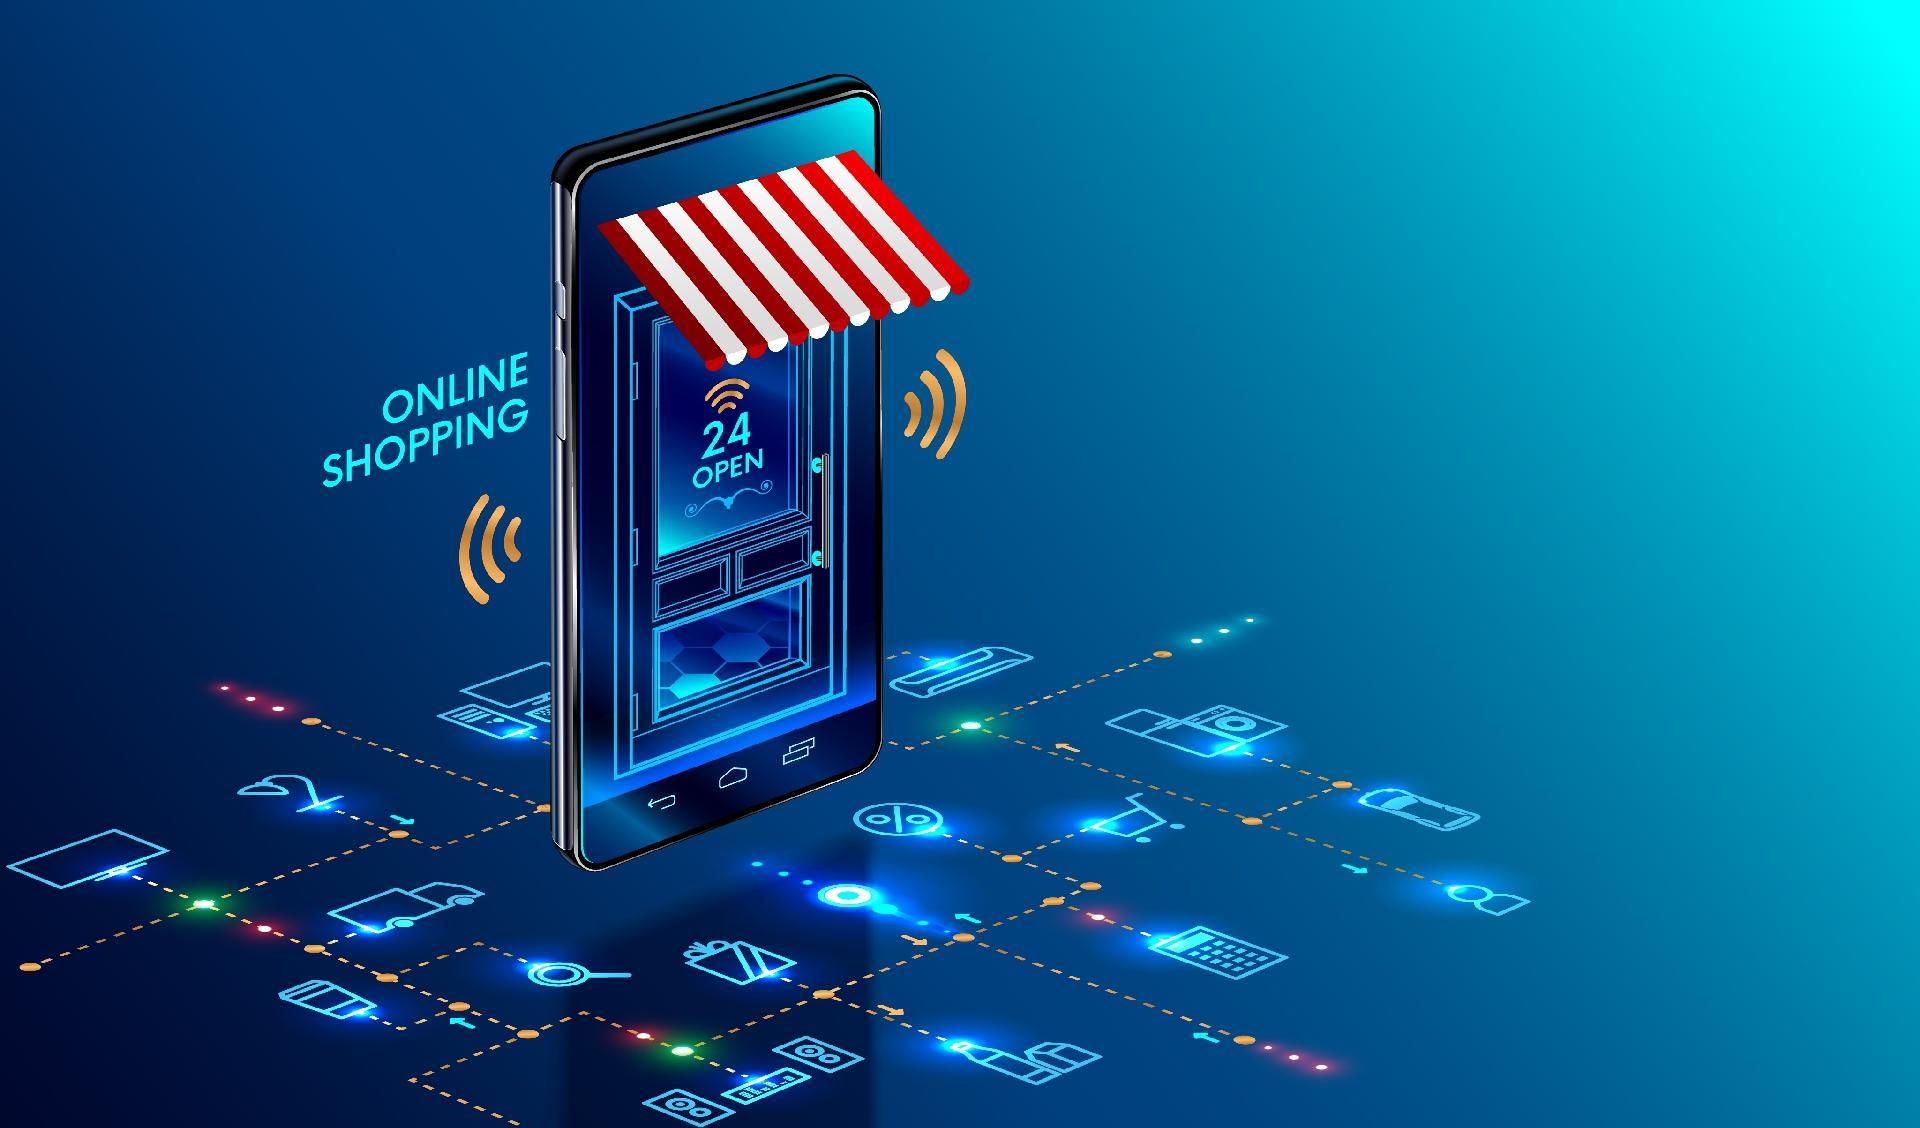 Descubra os 5 melhores sites para comprar pela internet